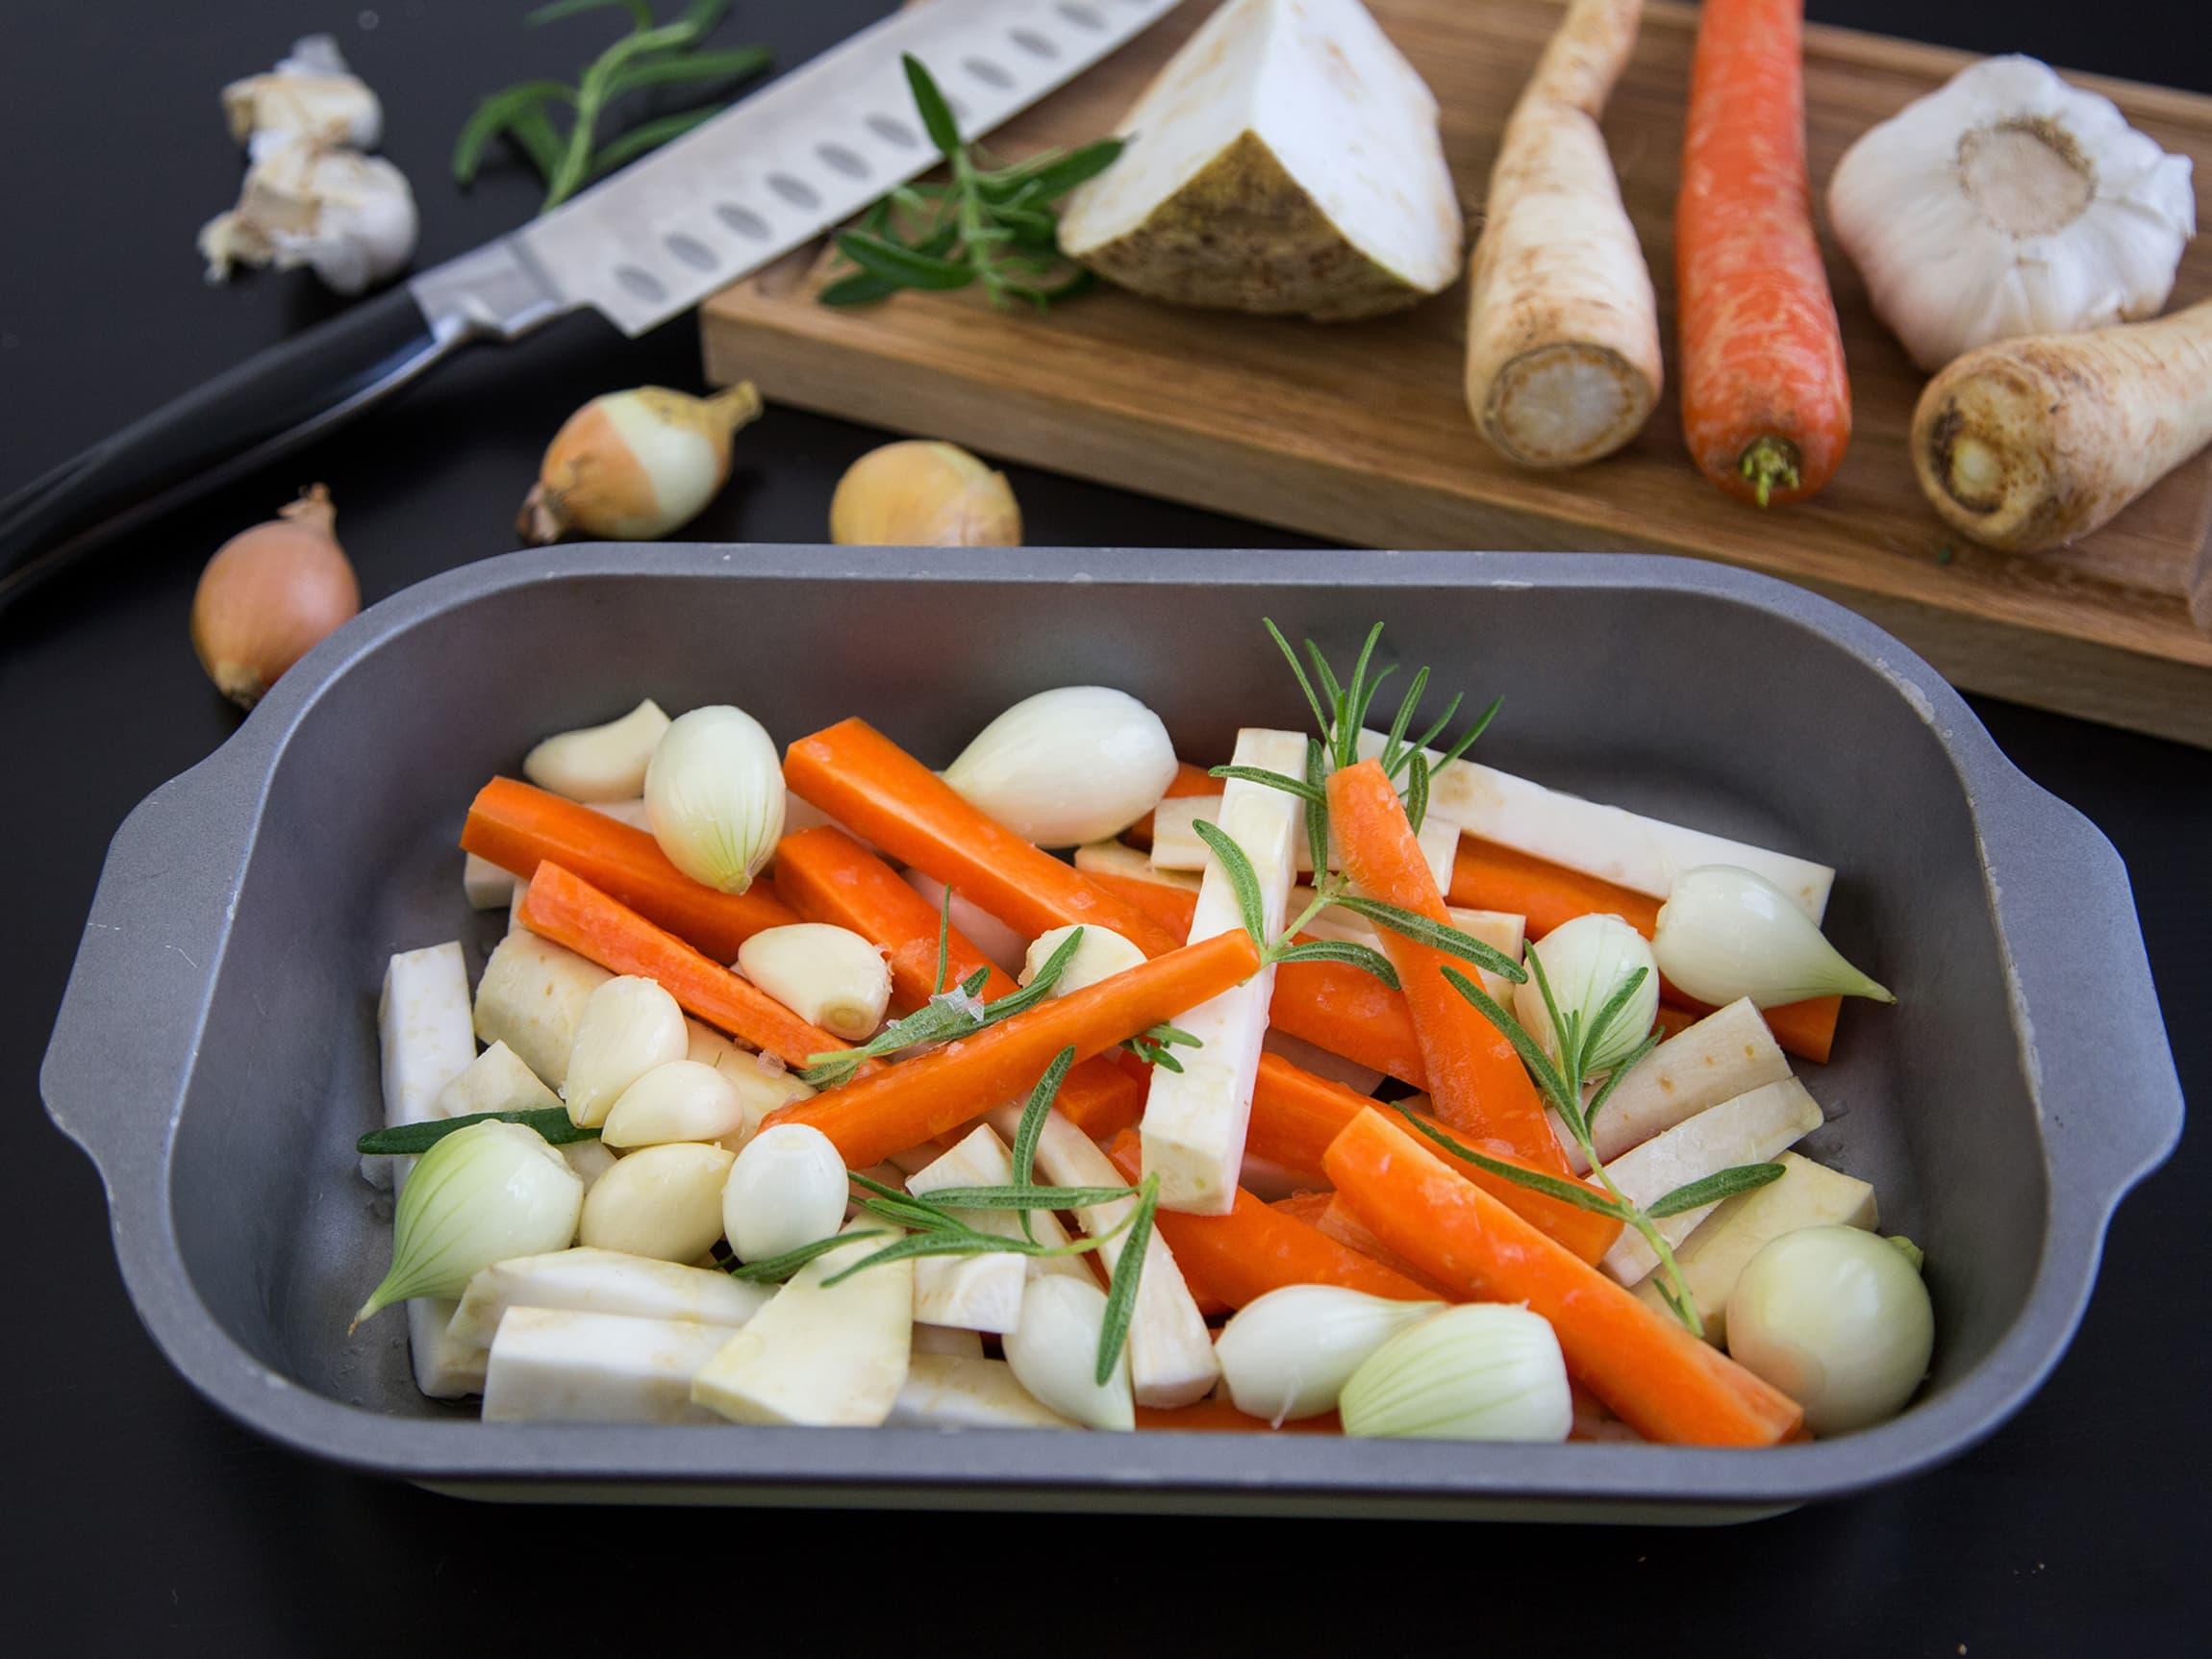 Enkelt tilbehør til enhver rett er ovnsbakte grønnsaker. Har du noe til overs? Bruk det du har, og stek det i ovnen til det er mørt.